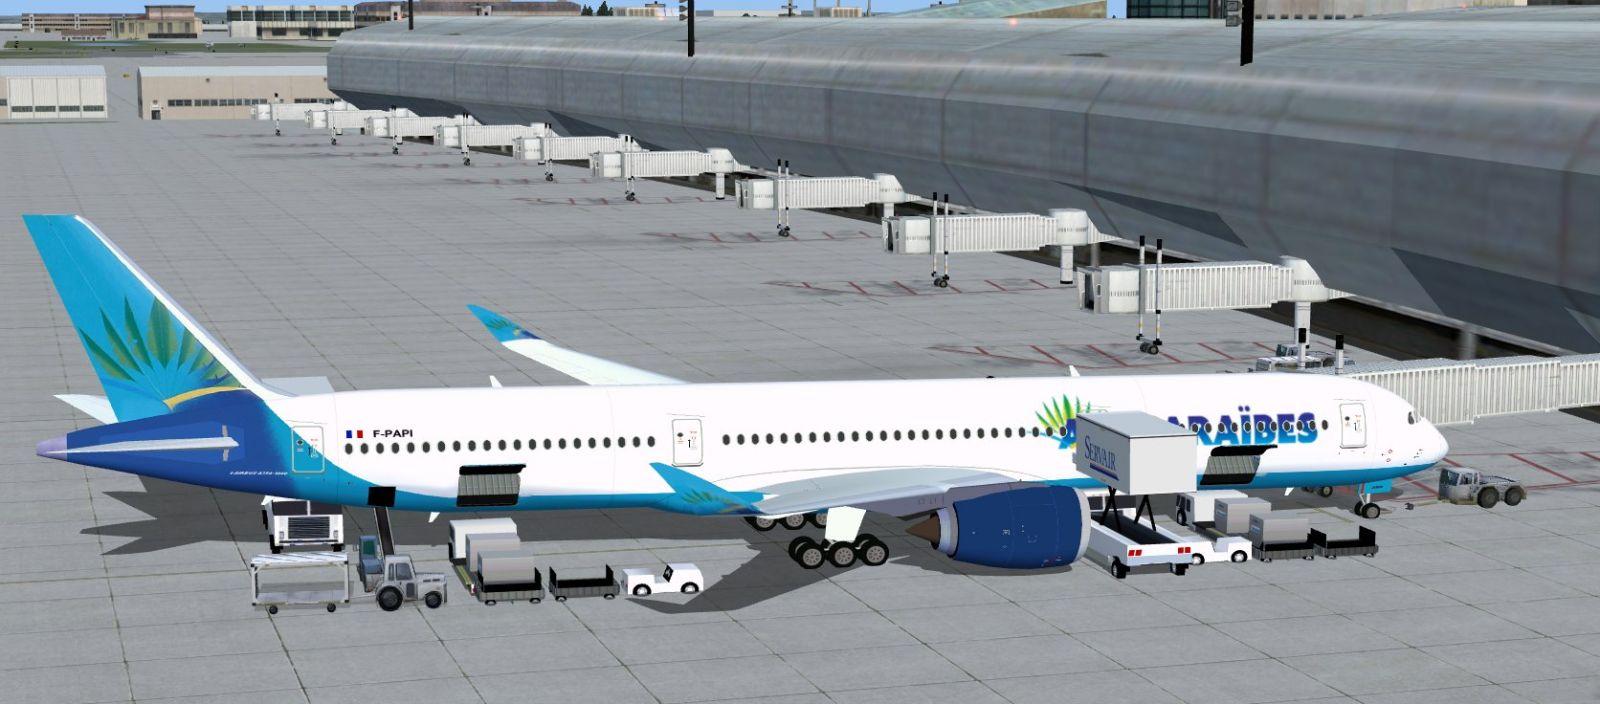 Air Caraibes Airbus A350 1000 Xwb V2 For Fsx